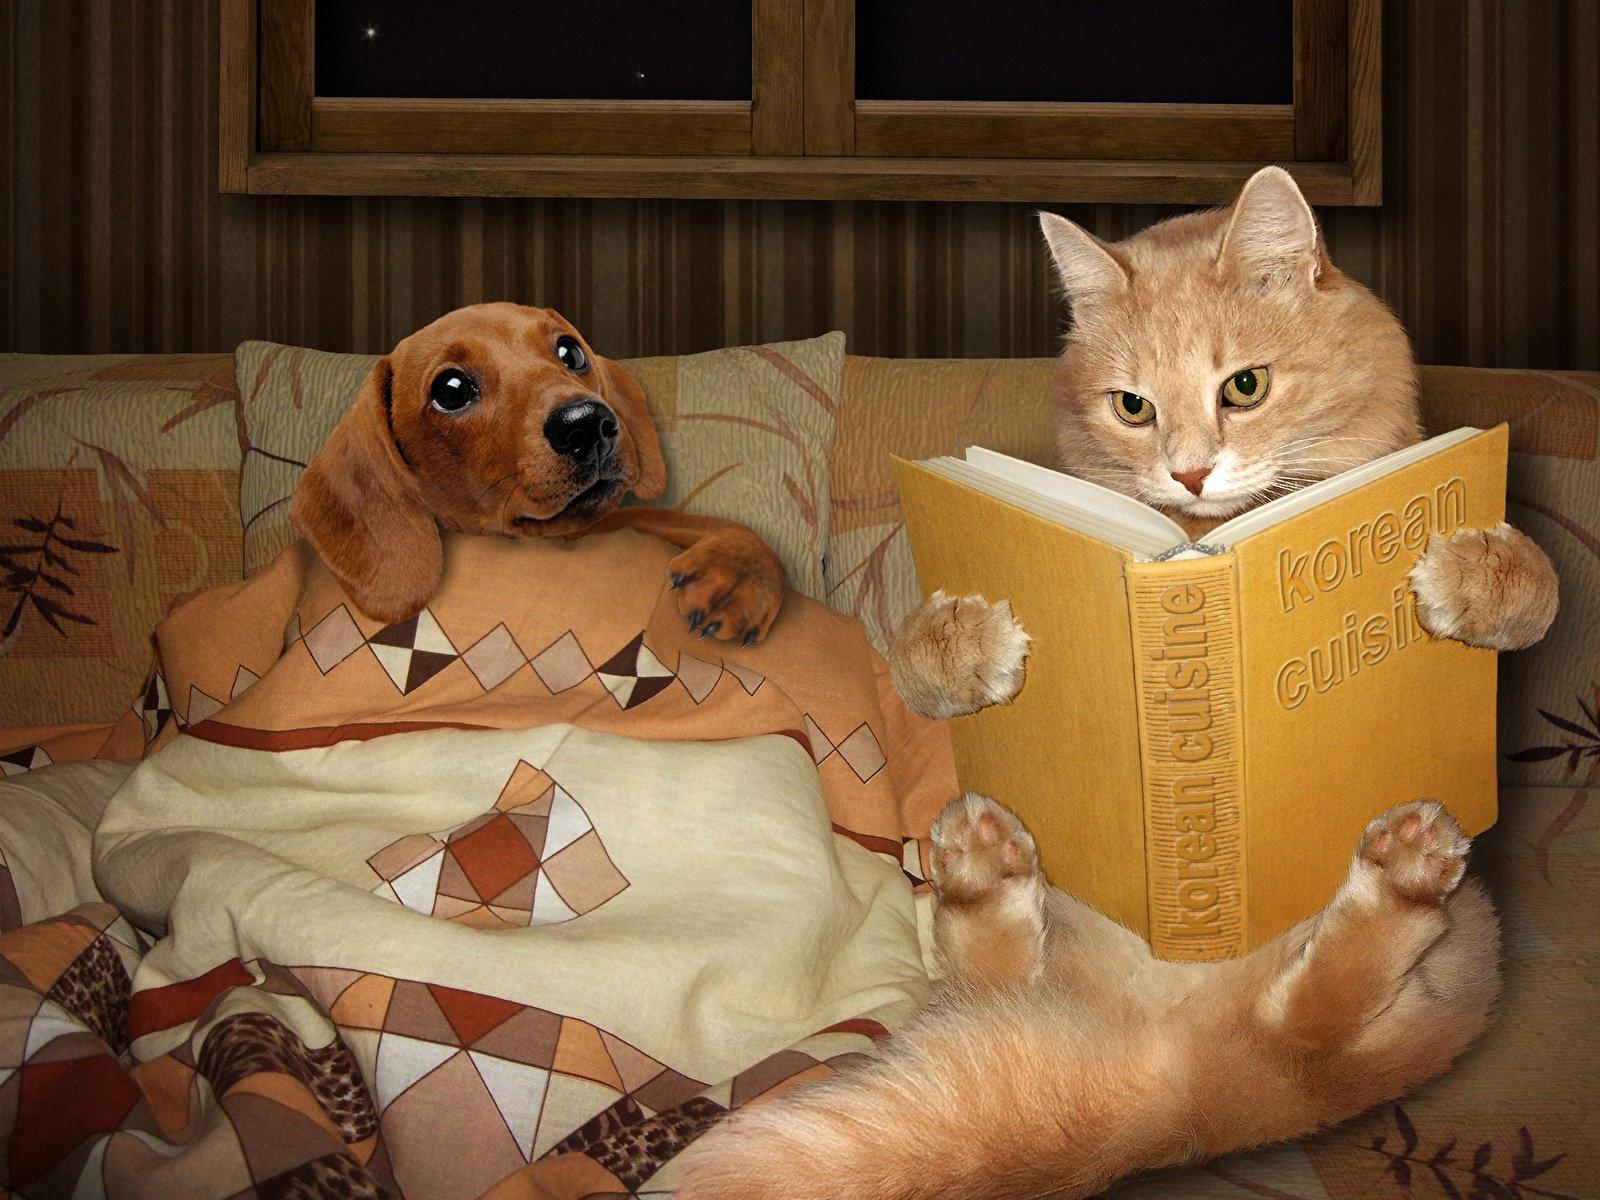 Картинки кошки и собачки прикольные, поздравлений днем